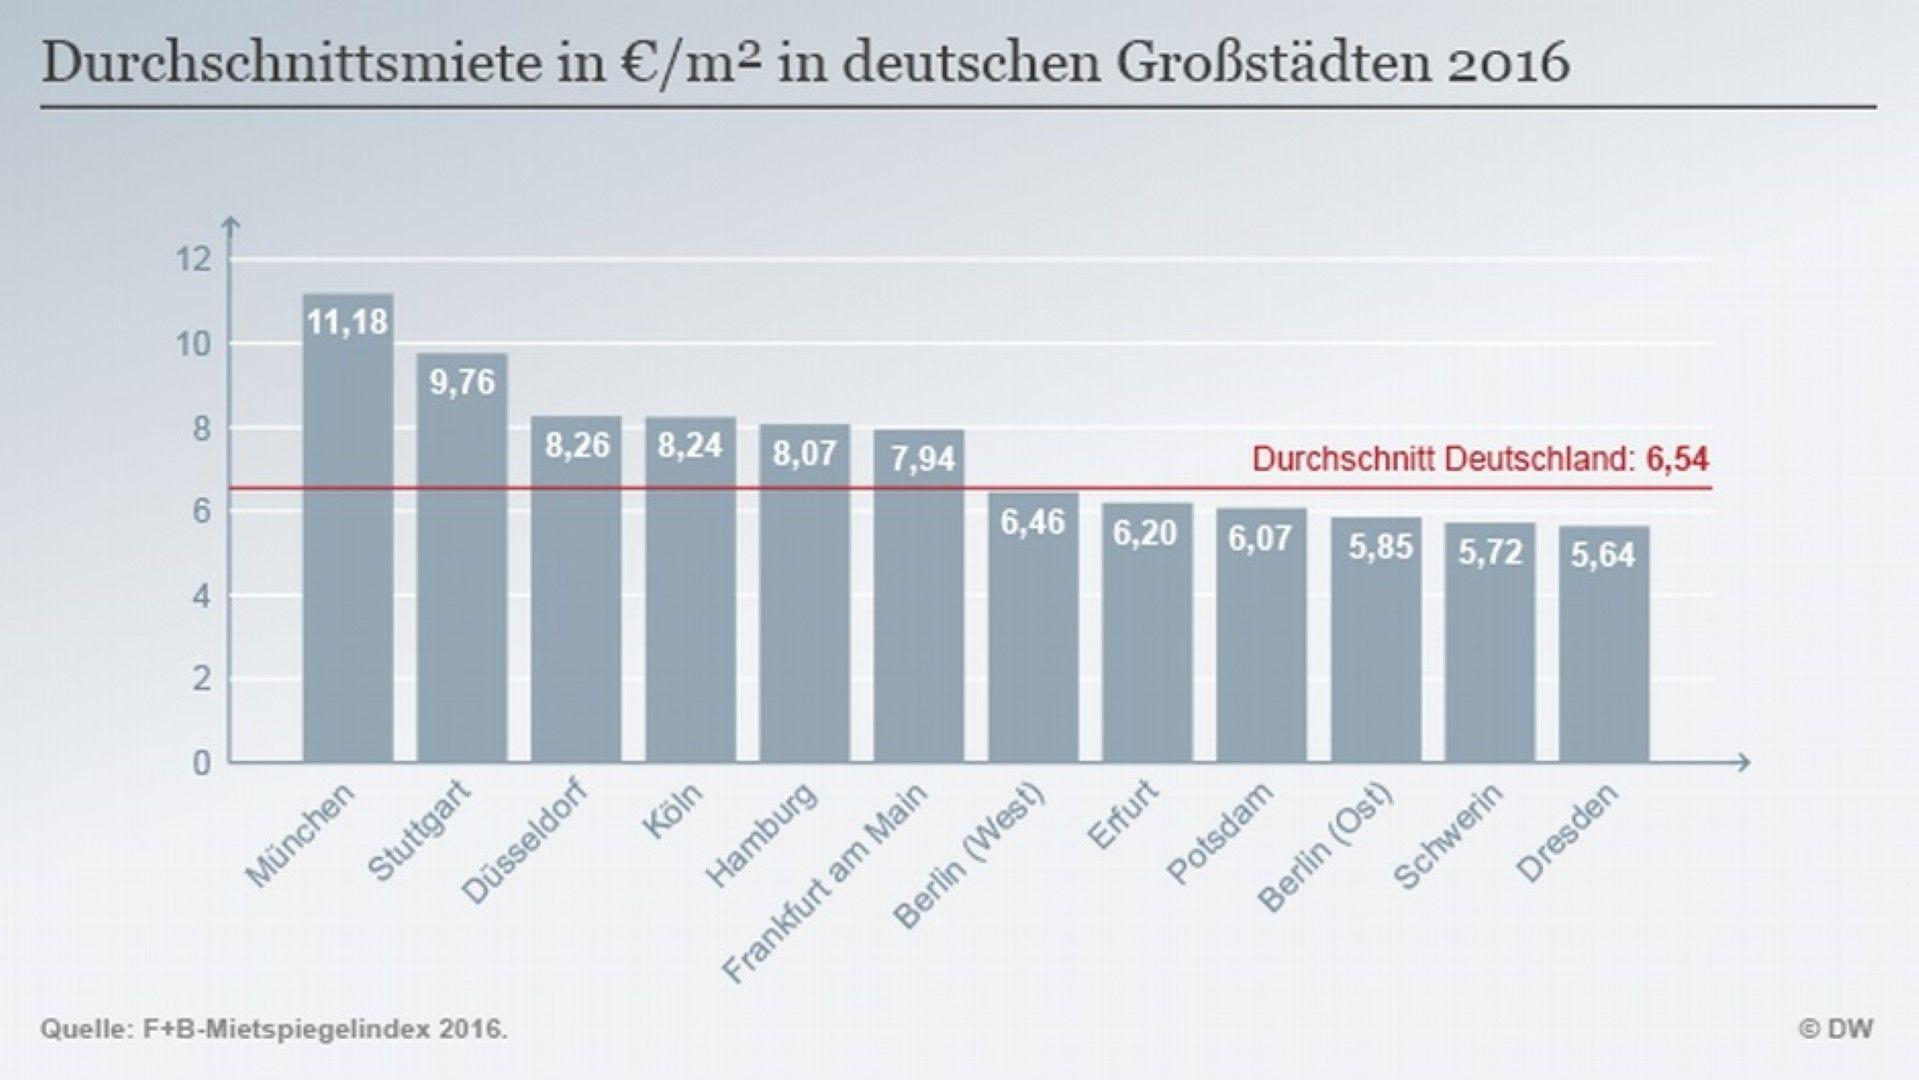 Средният наем за жилищна площ в някои германски градове - данните са от 2016 година